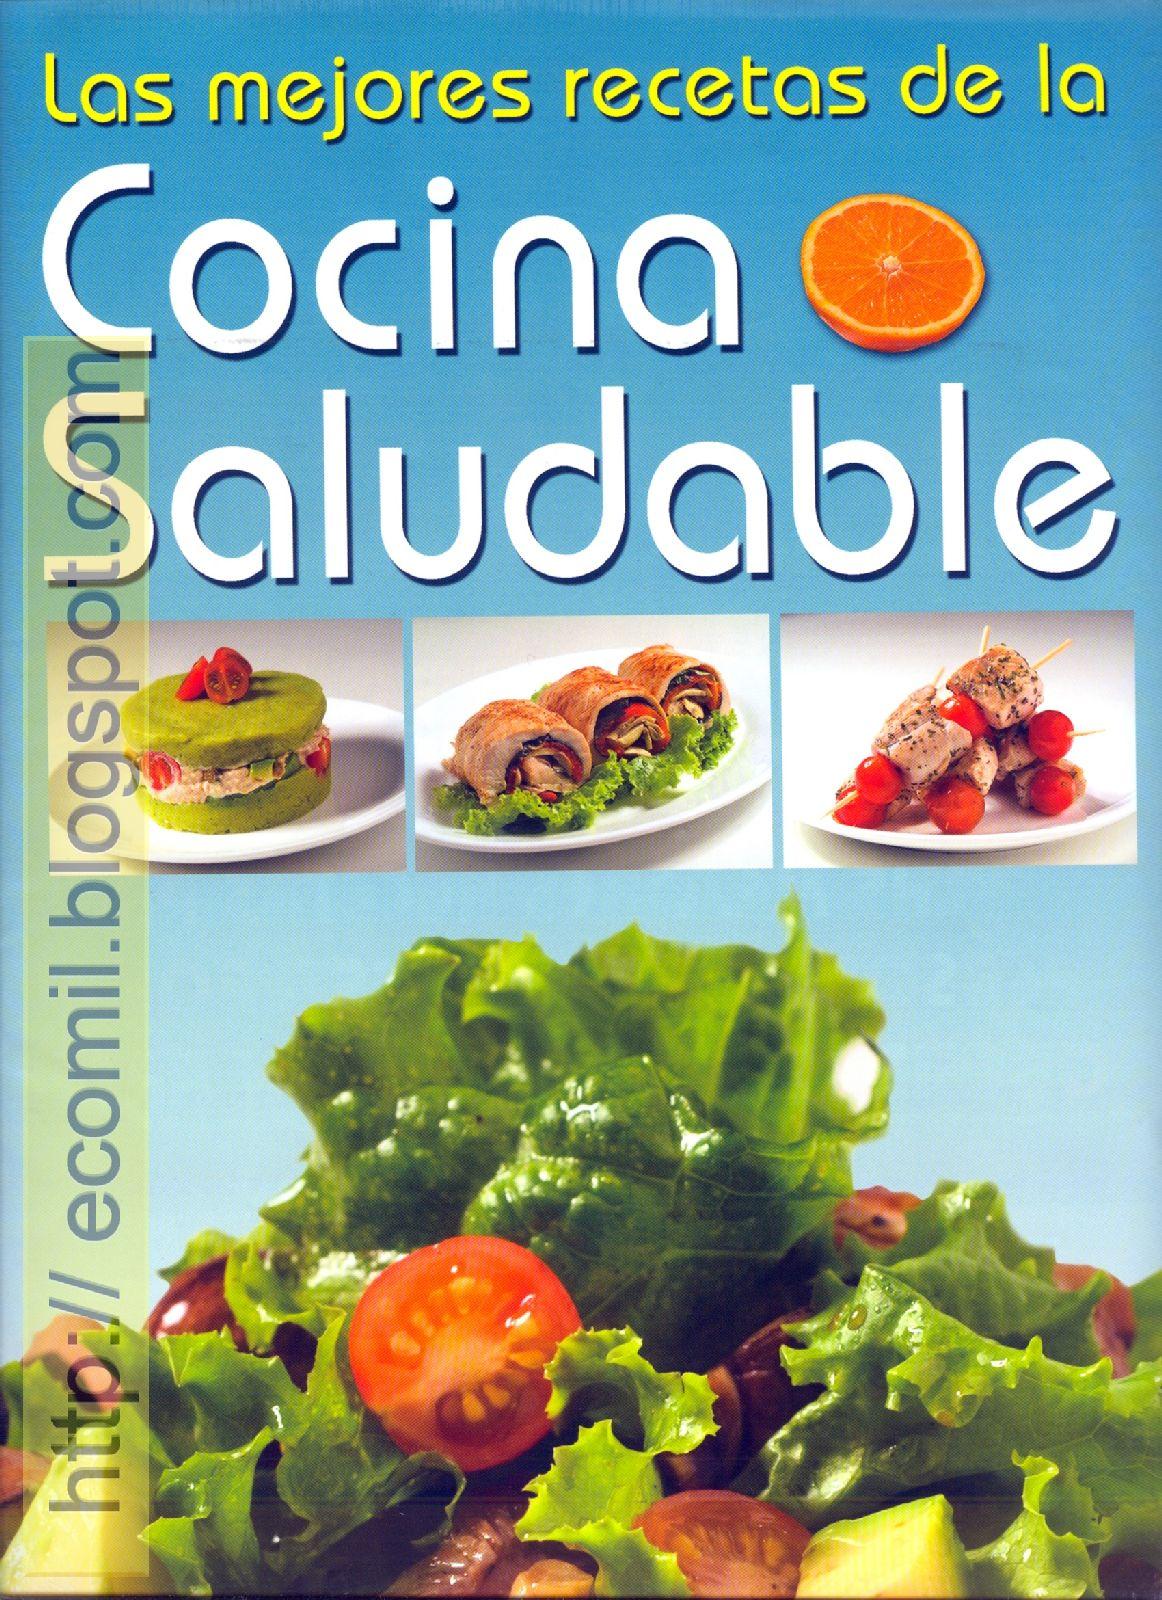 Cocina reposteria cocina saludable for Cocina saludable